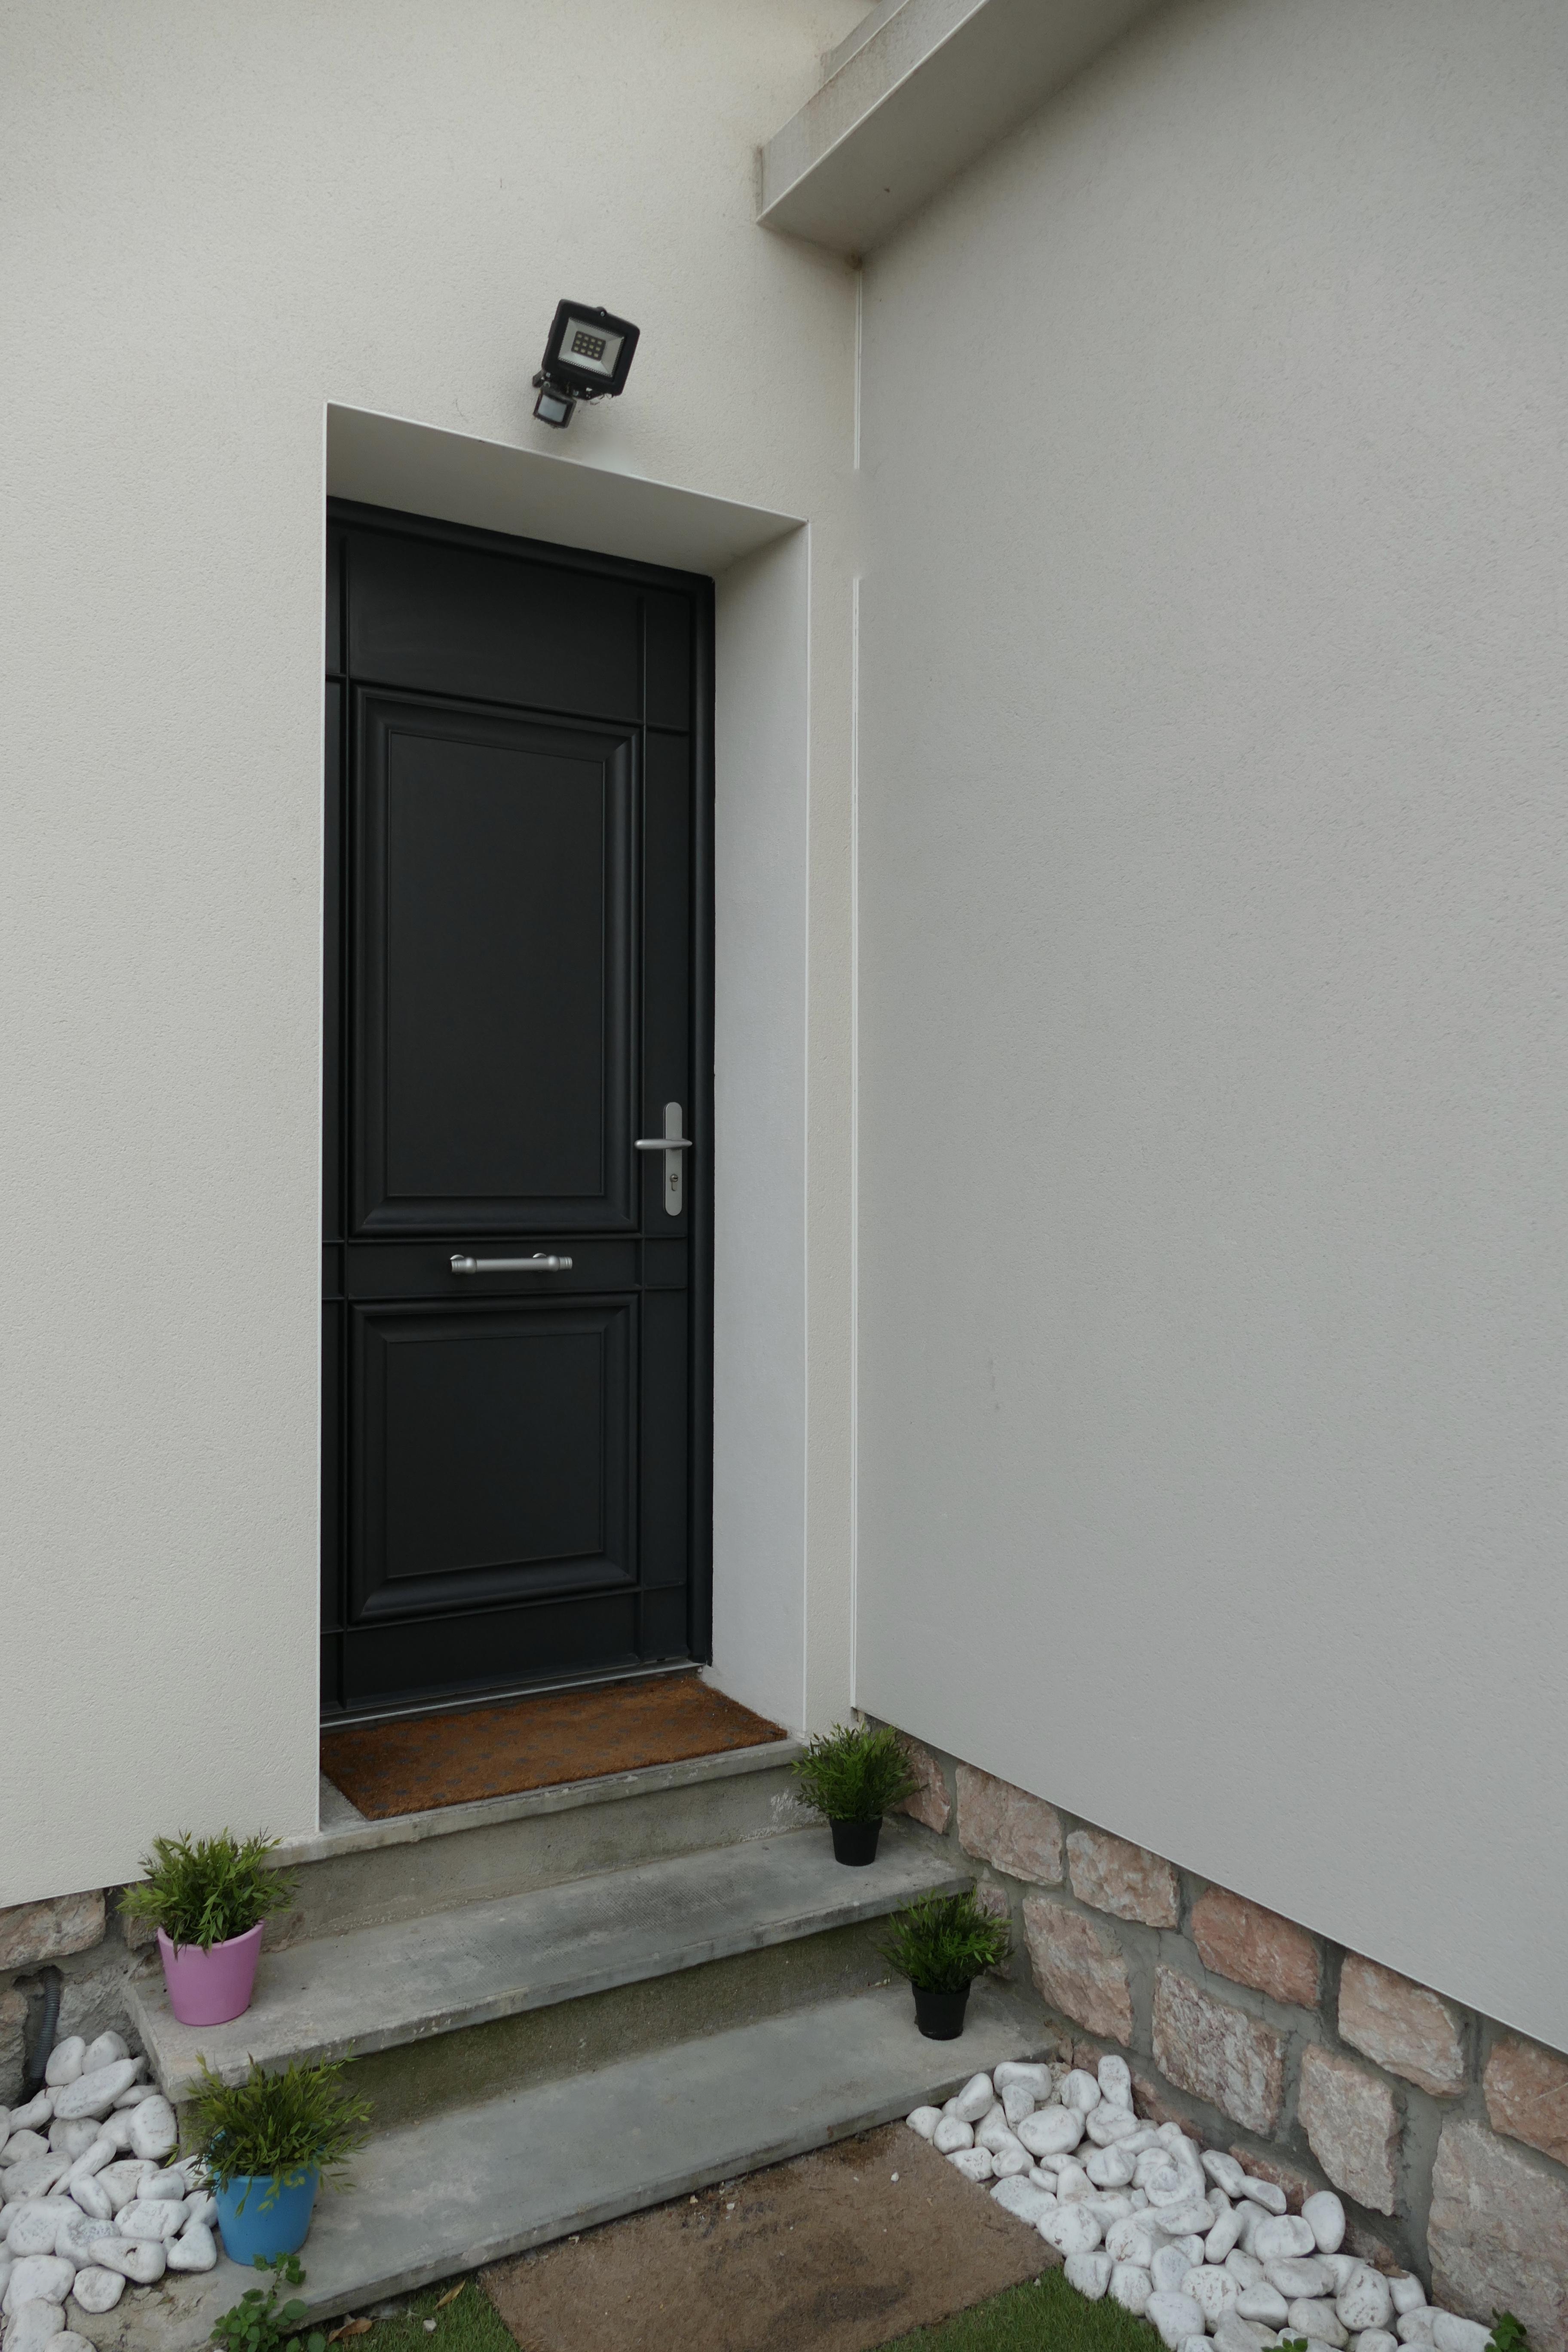 quelle style de porte d 39 entr e choisir pamela gallart. Black Bedroom Furniture Sets. Home Design Ideas